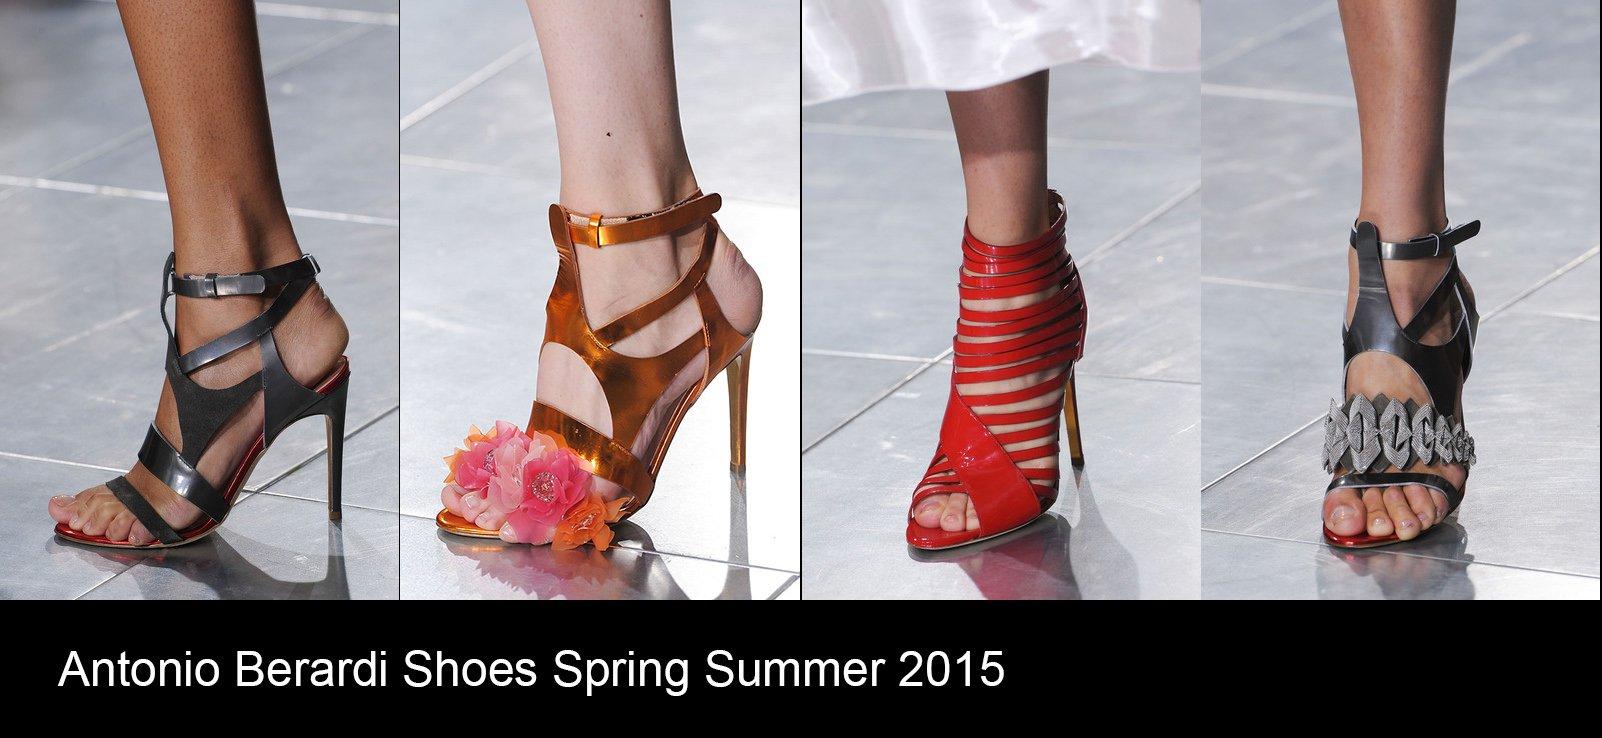 Antonio-Berardi-Shoes-Spring-Summer-2015